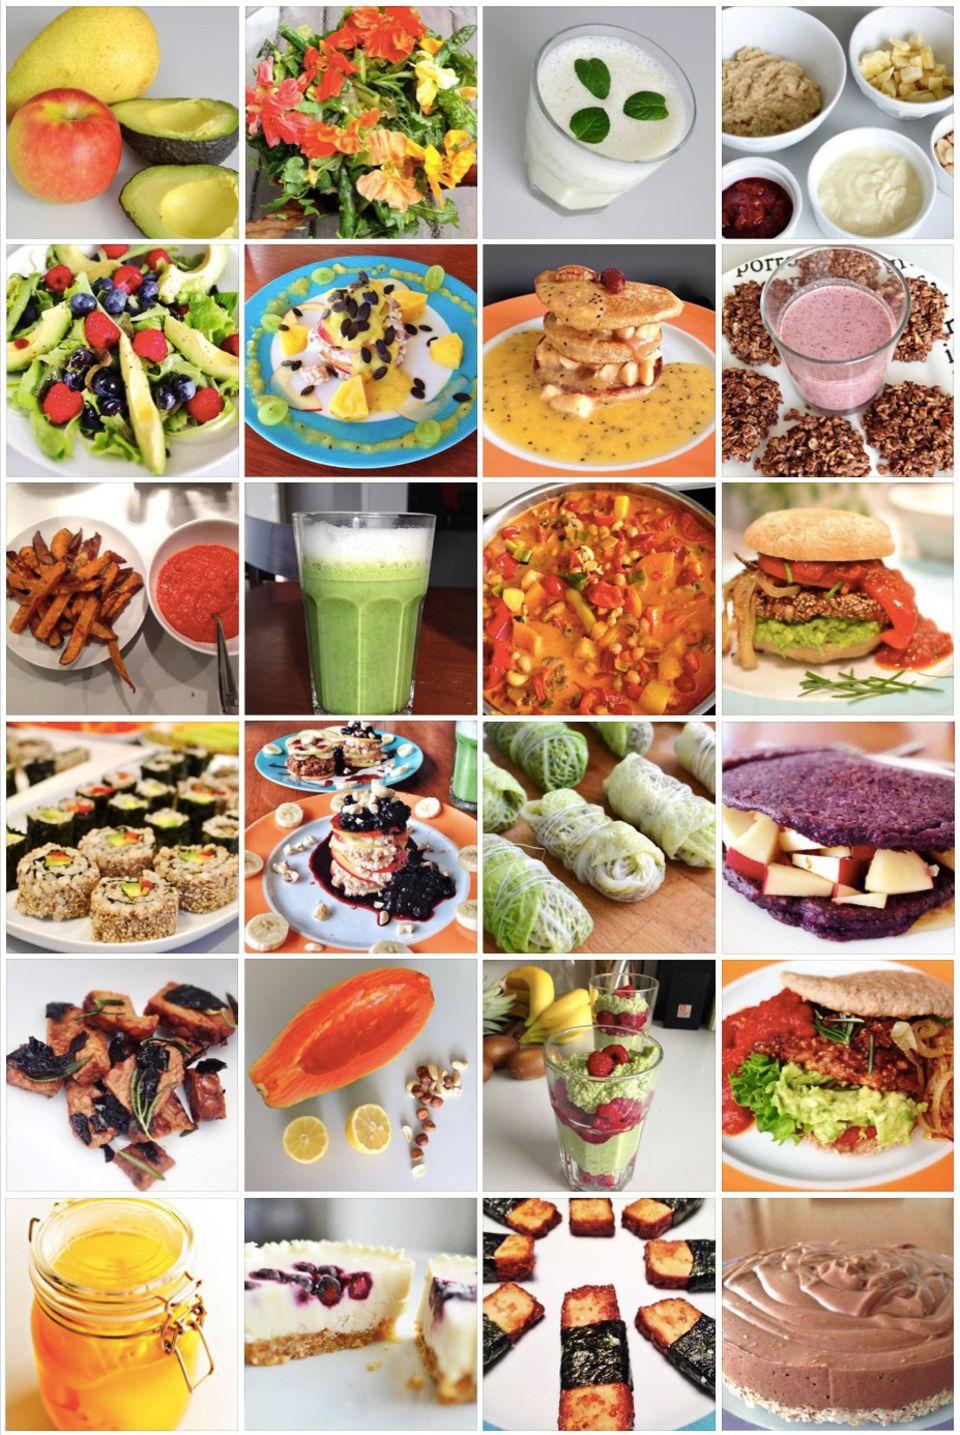 Einfach vegan: Aus meiner veganen Küche. Fotos: Derik Meinköhn